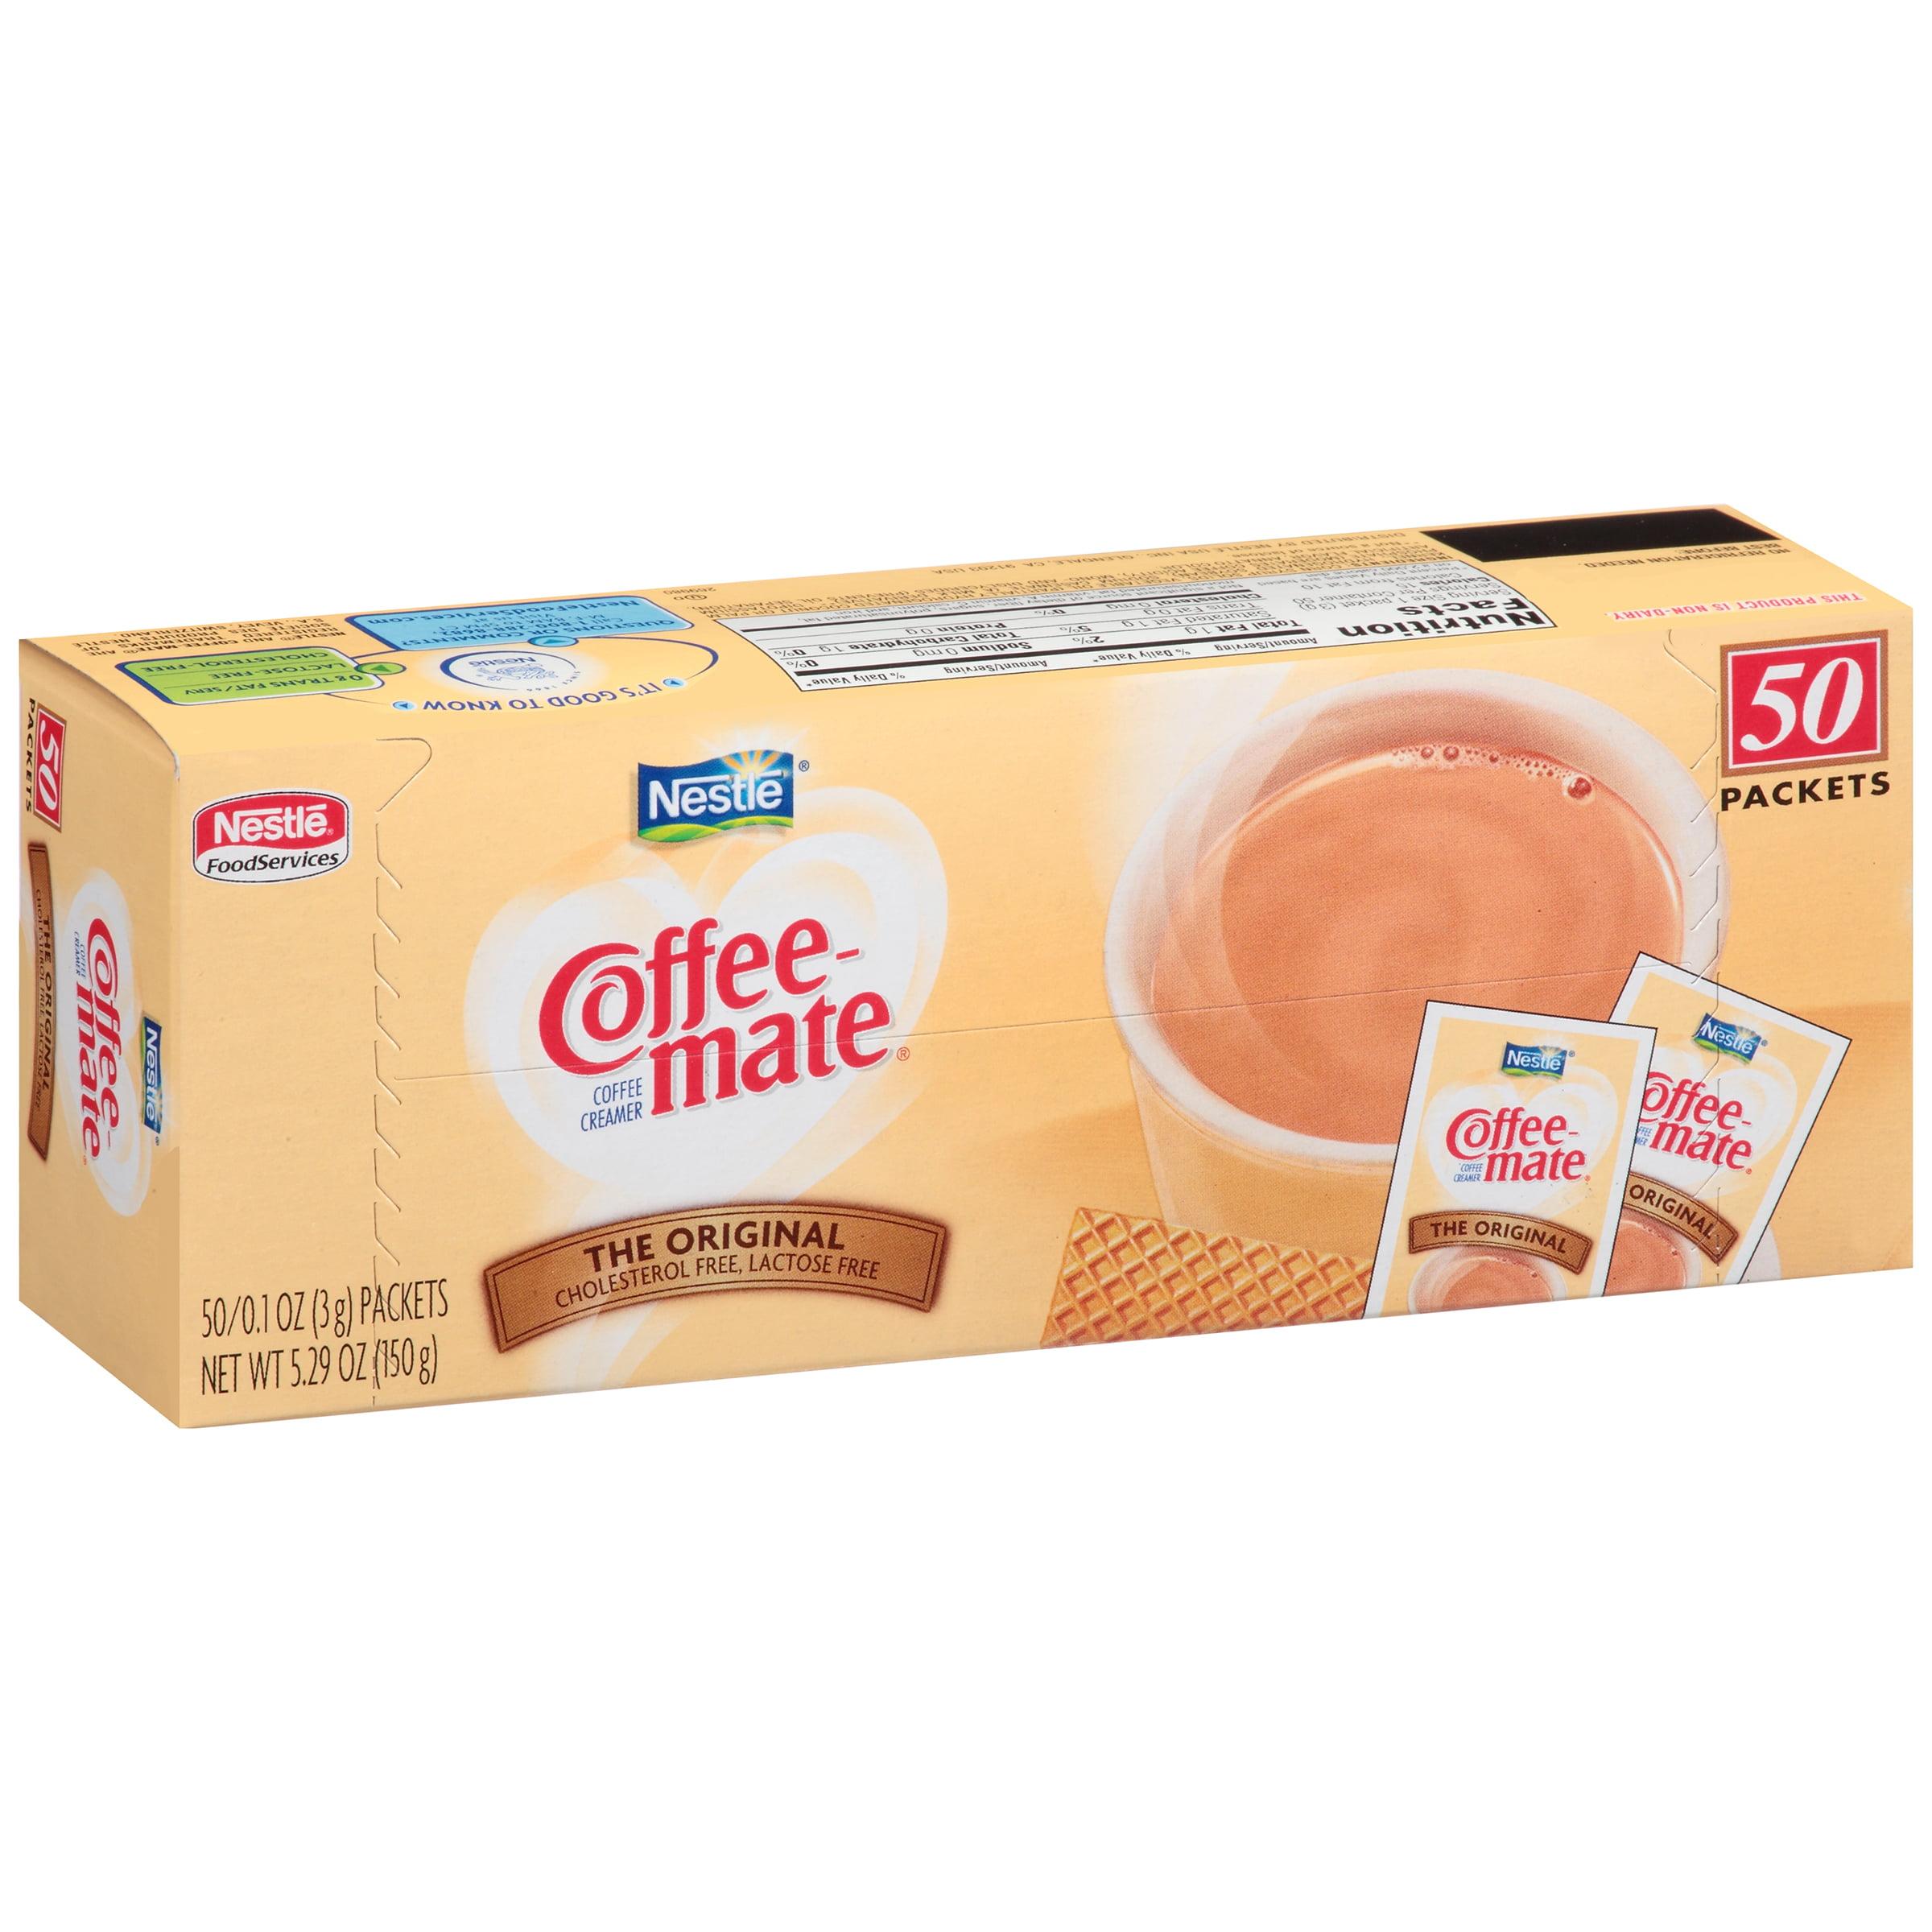 Nestlé Coffee-mate The Original Powder Coffee Creamer 50-0.1 oz. Packets